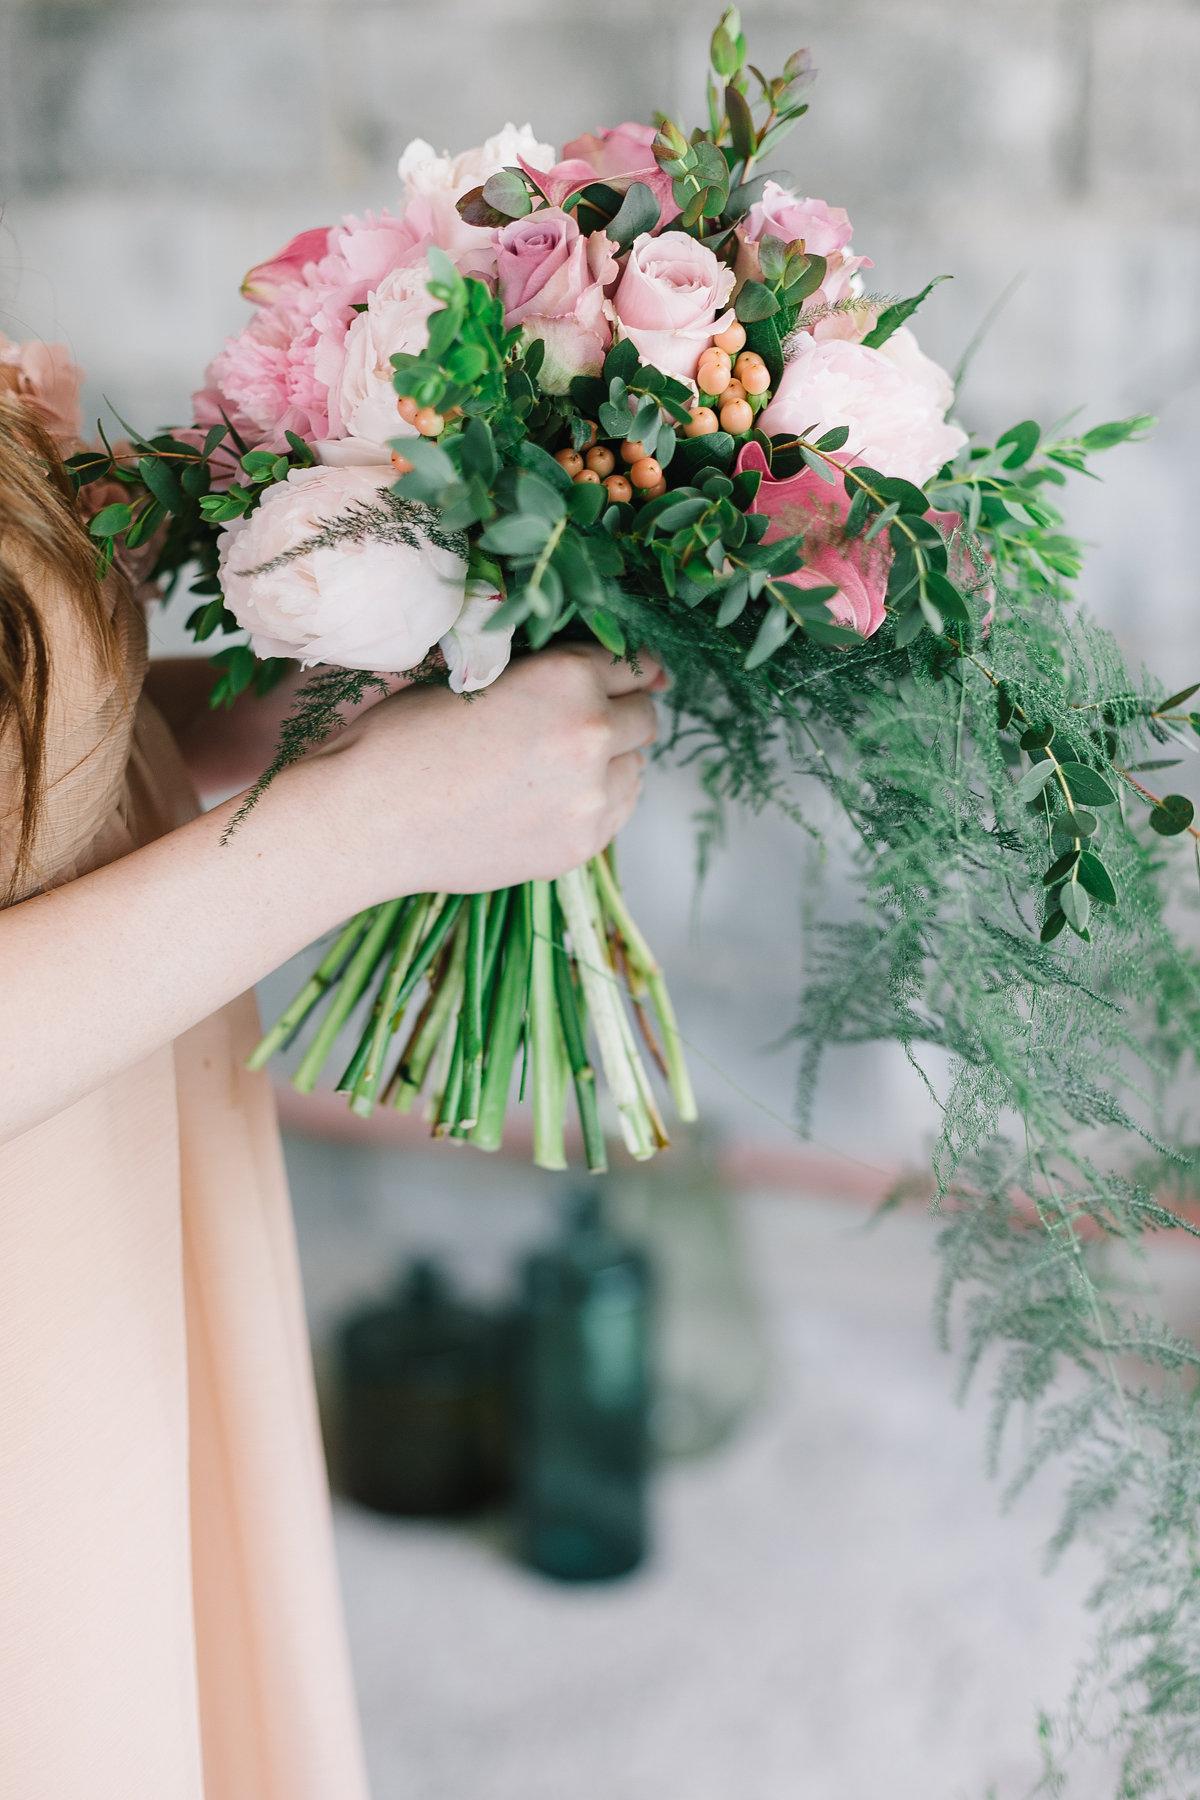 bouquet con peonie rosa, foliage e bacche